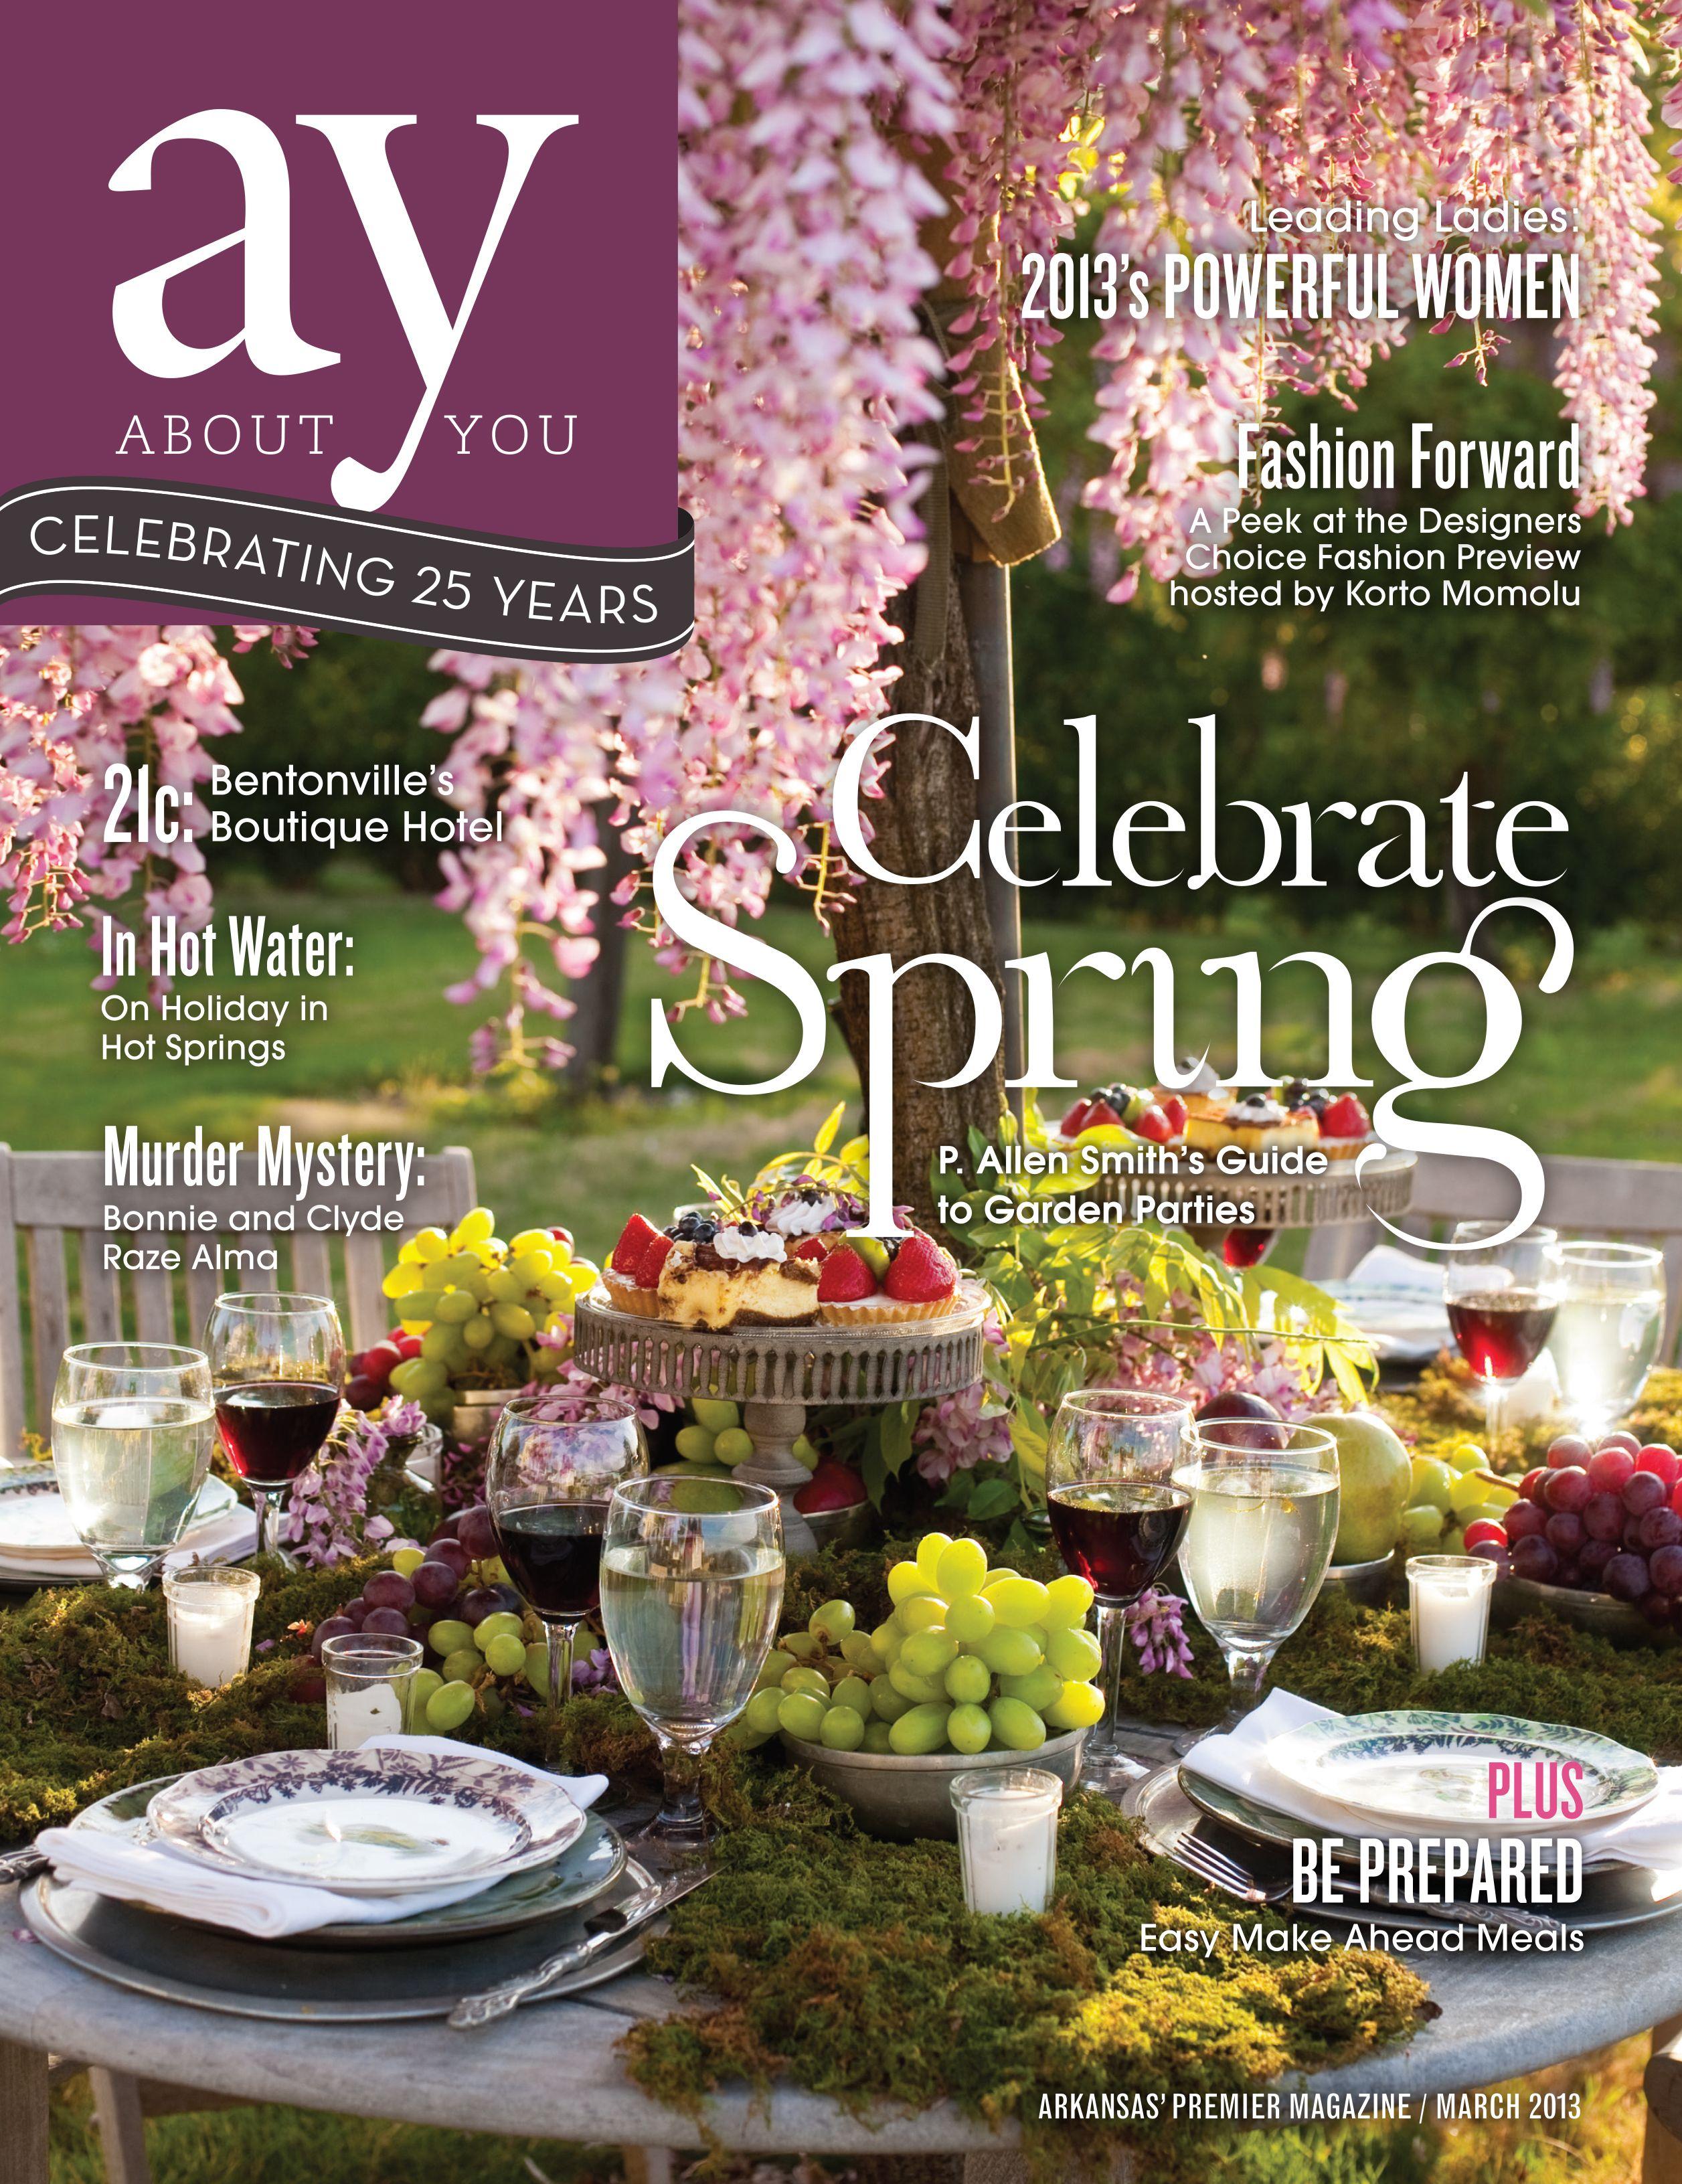 AY Magazine / March 2013 / www.aymag.com